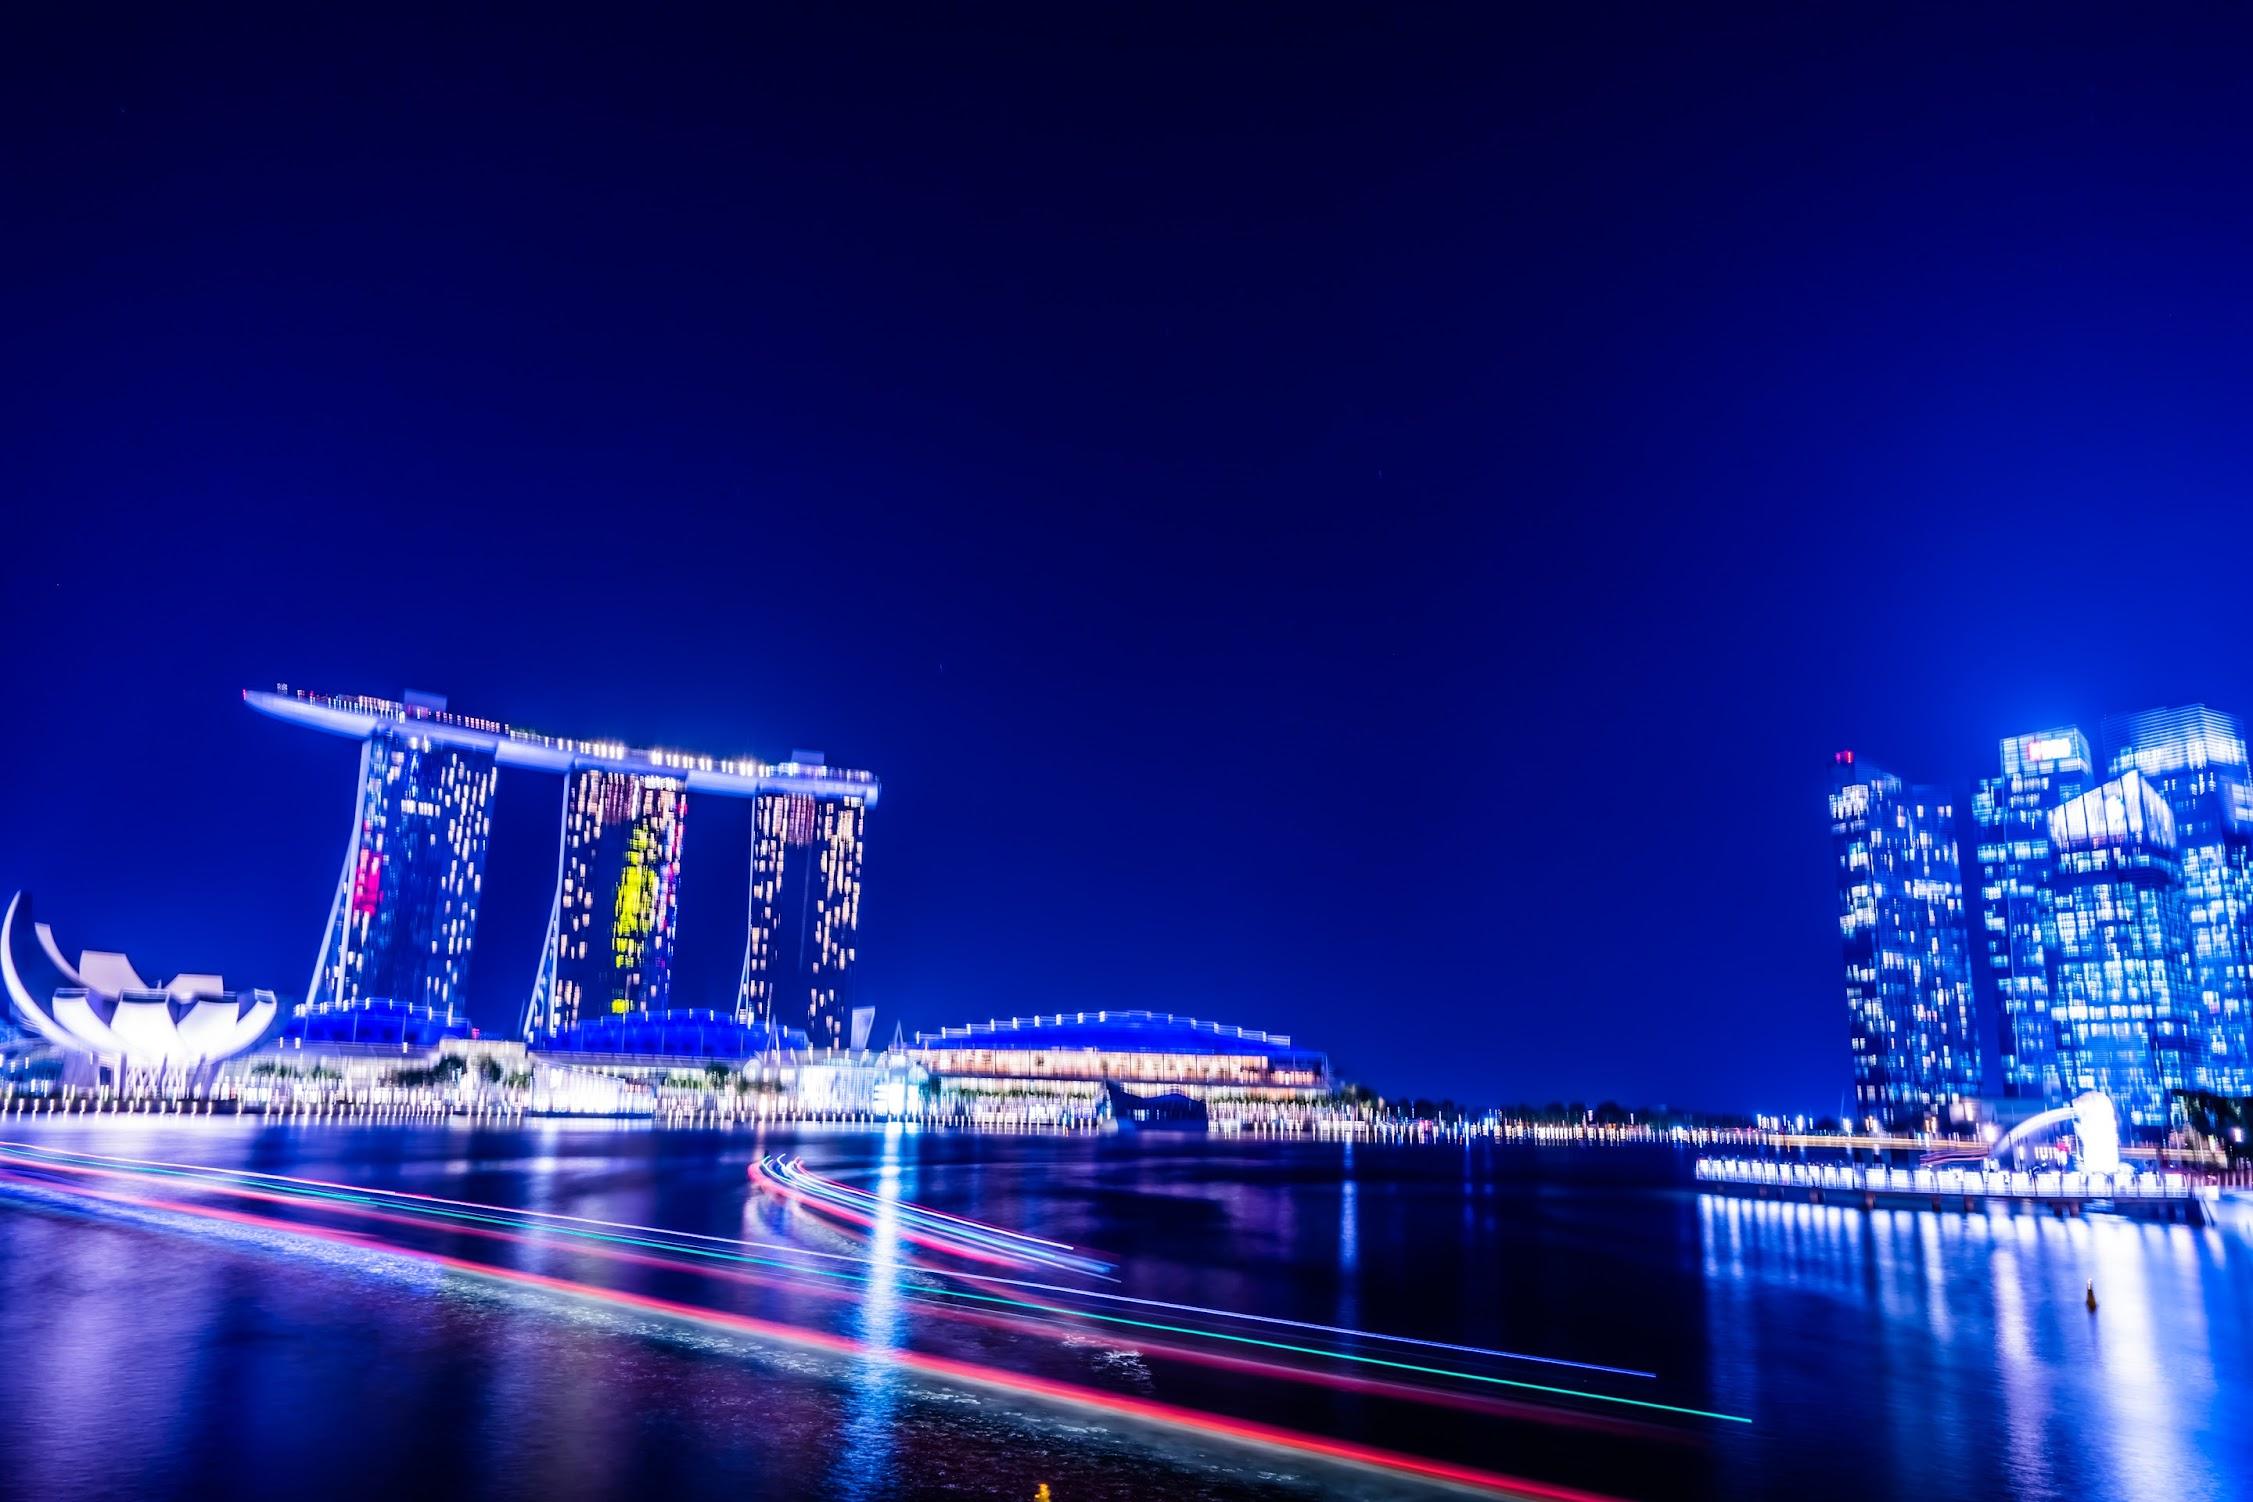 シンガポール マリーナ・ベイ・サンズ 夜景6